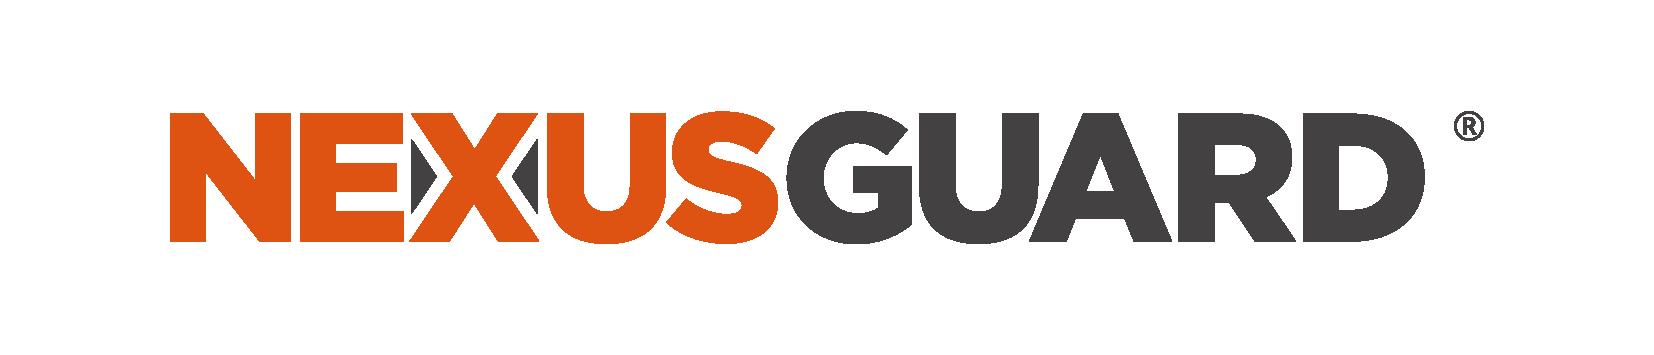 nexusguard_logo_cmyk